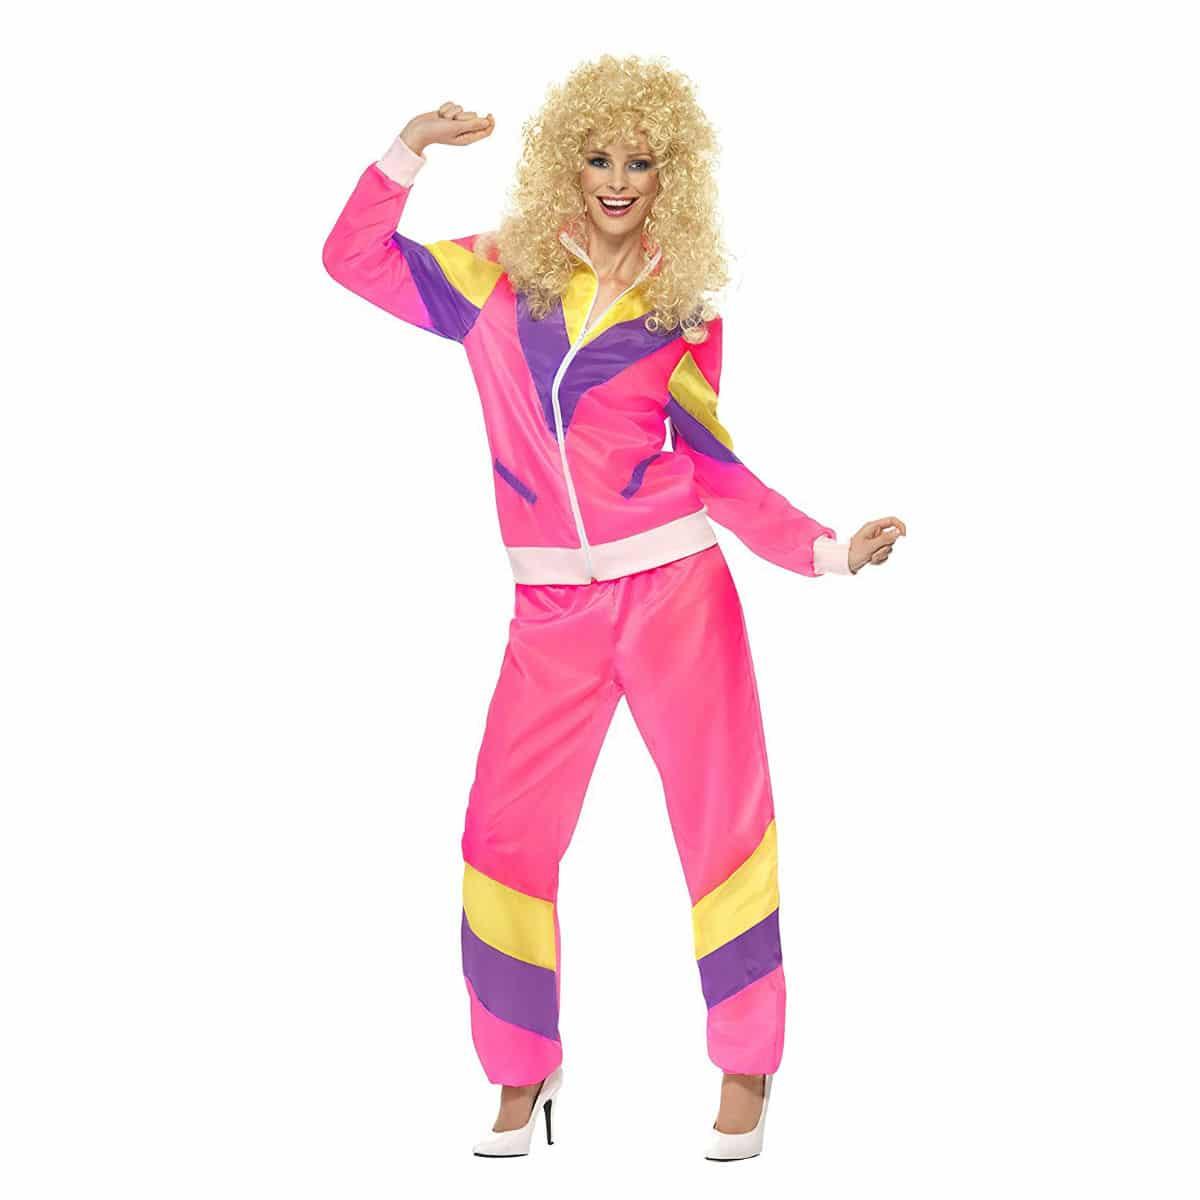 Disfraz de chándal años 80, Rosa, con chaqueta y pantalón